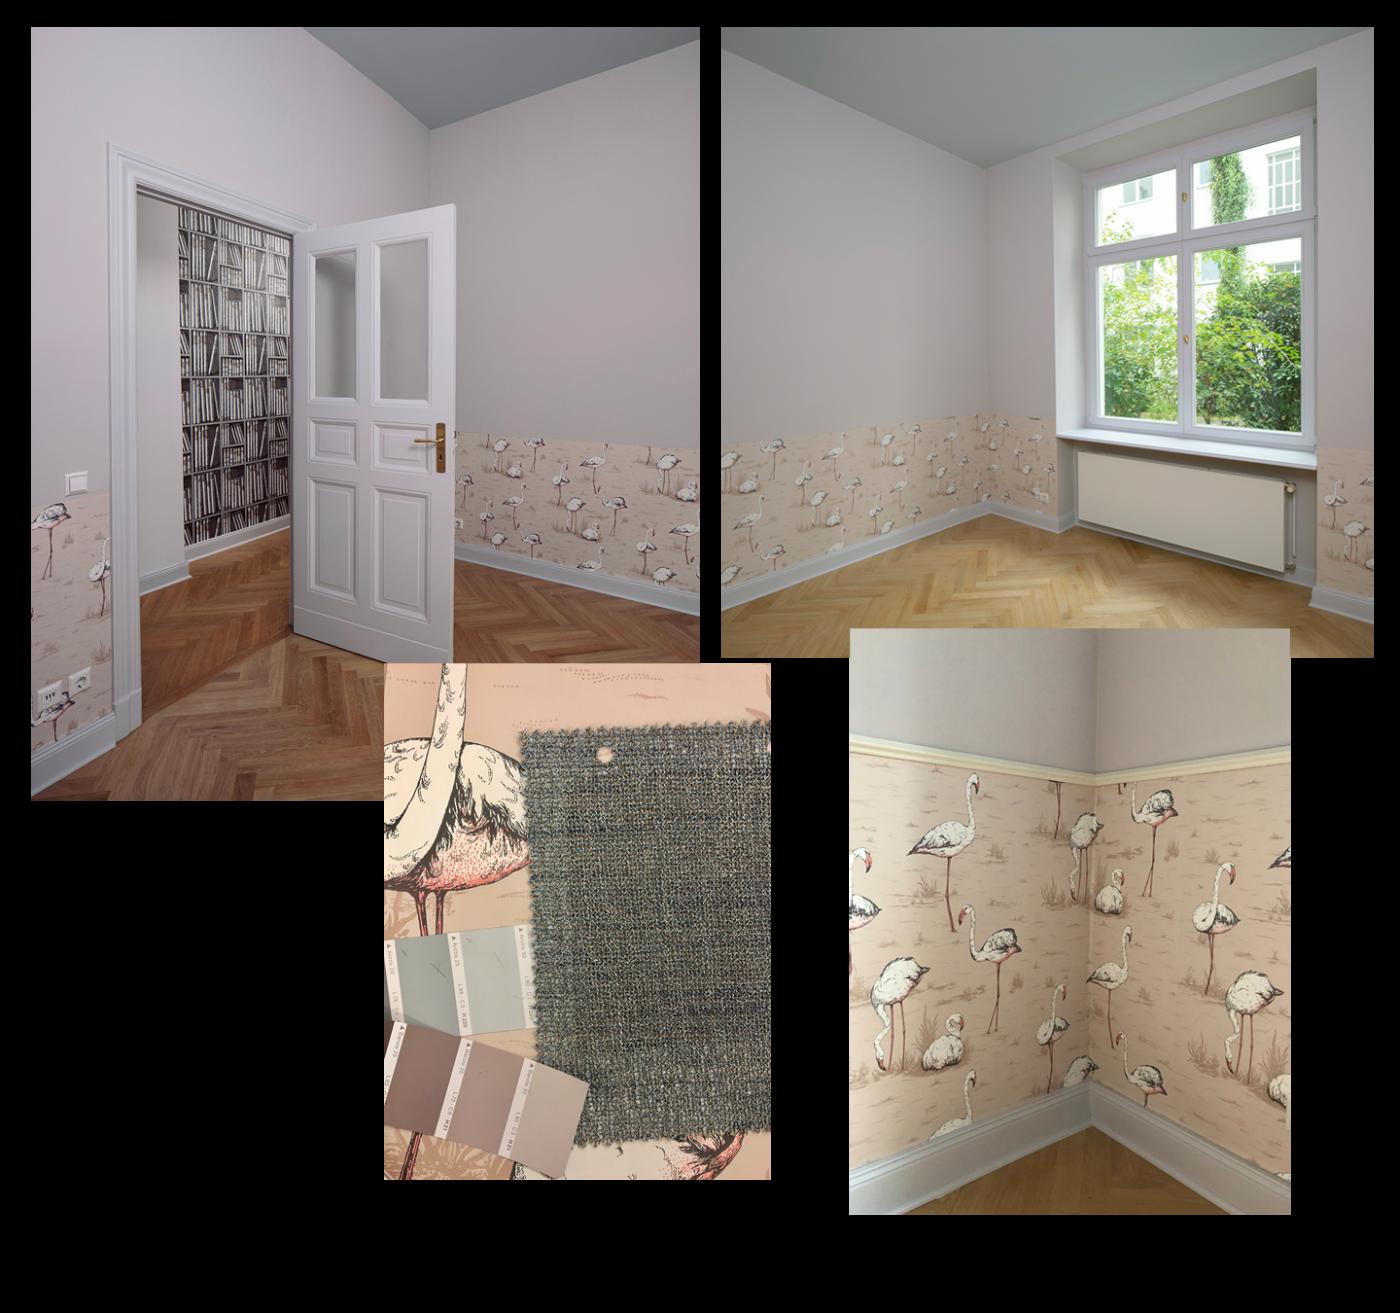 Galerie-Kinderzimmer_Bayrisches_Viertel-by-harry-clark